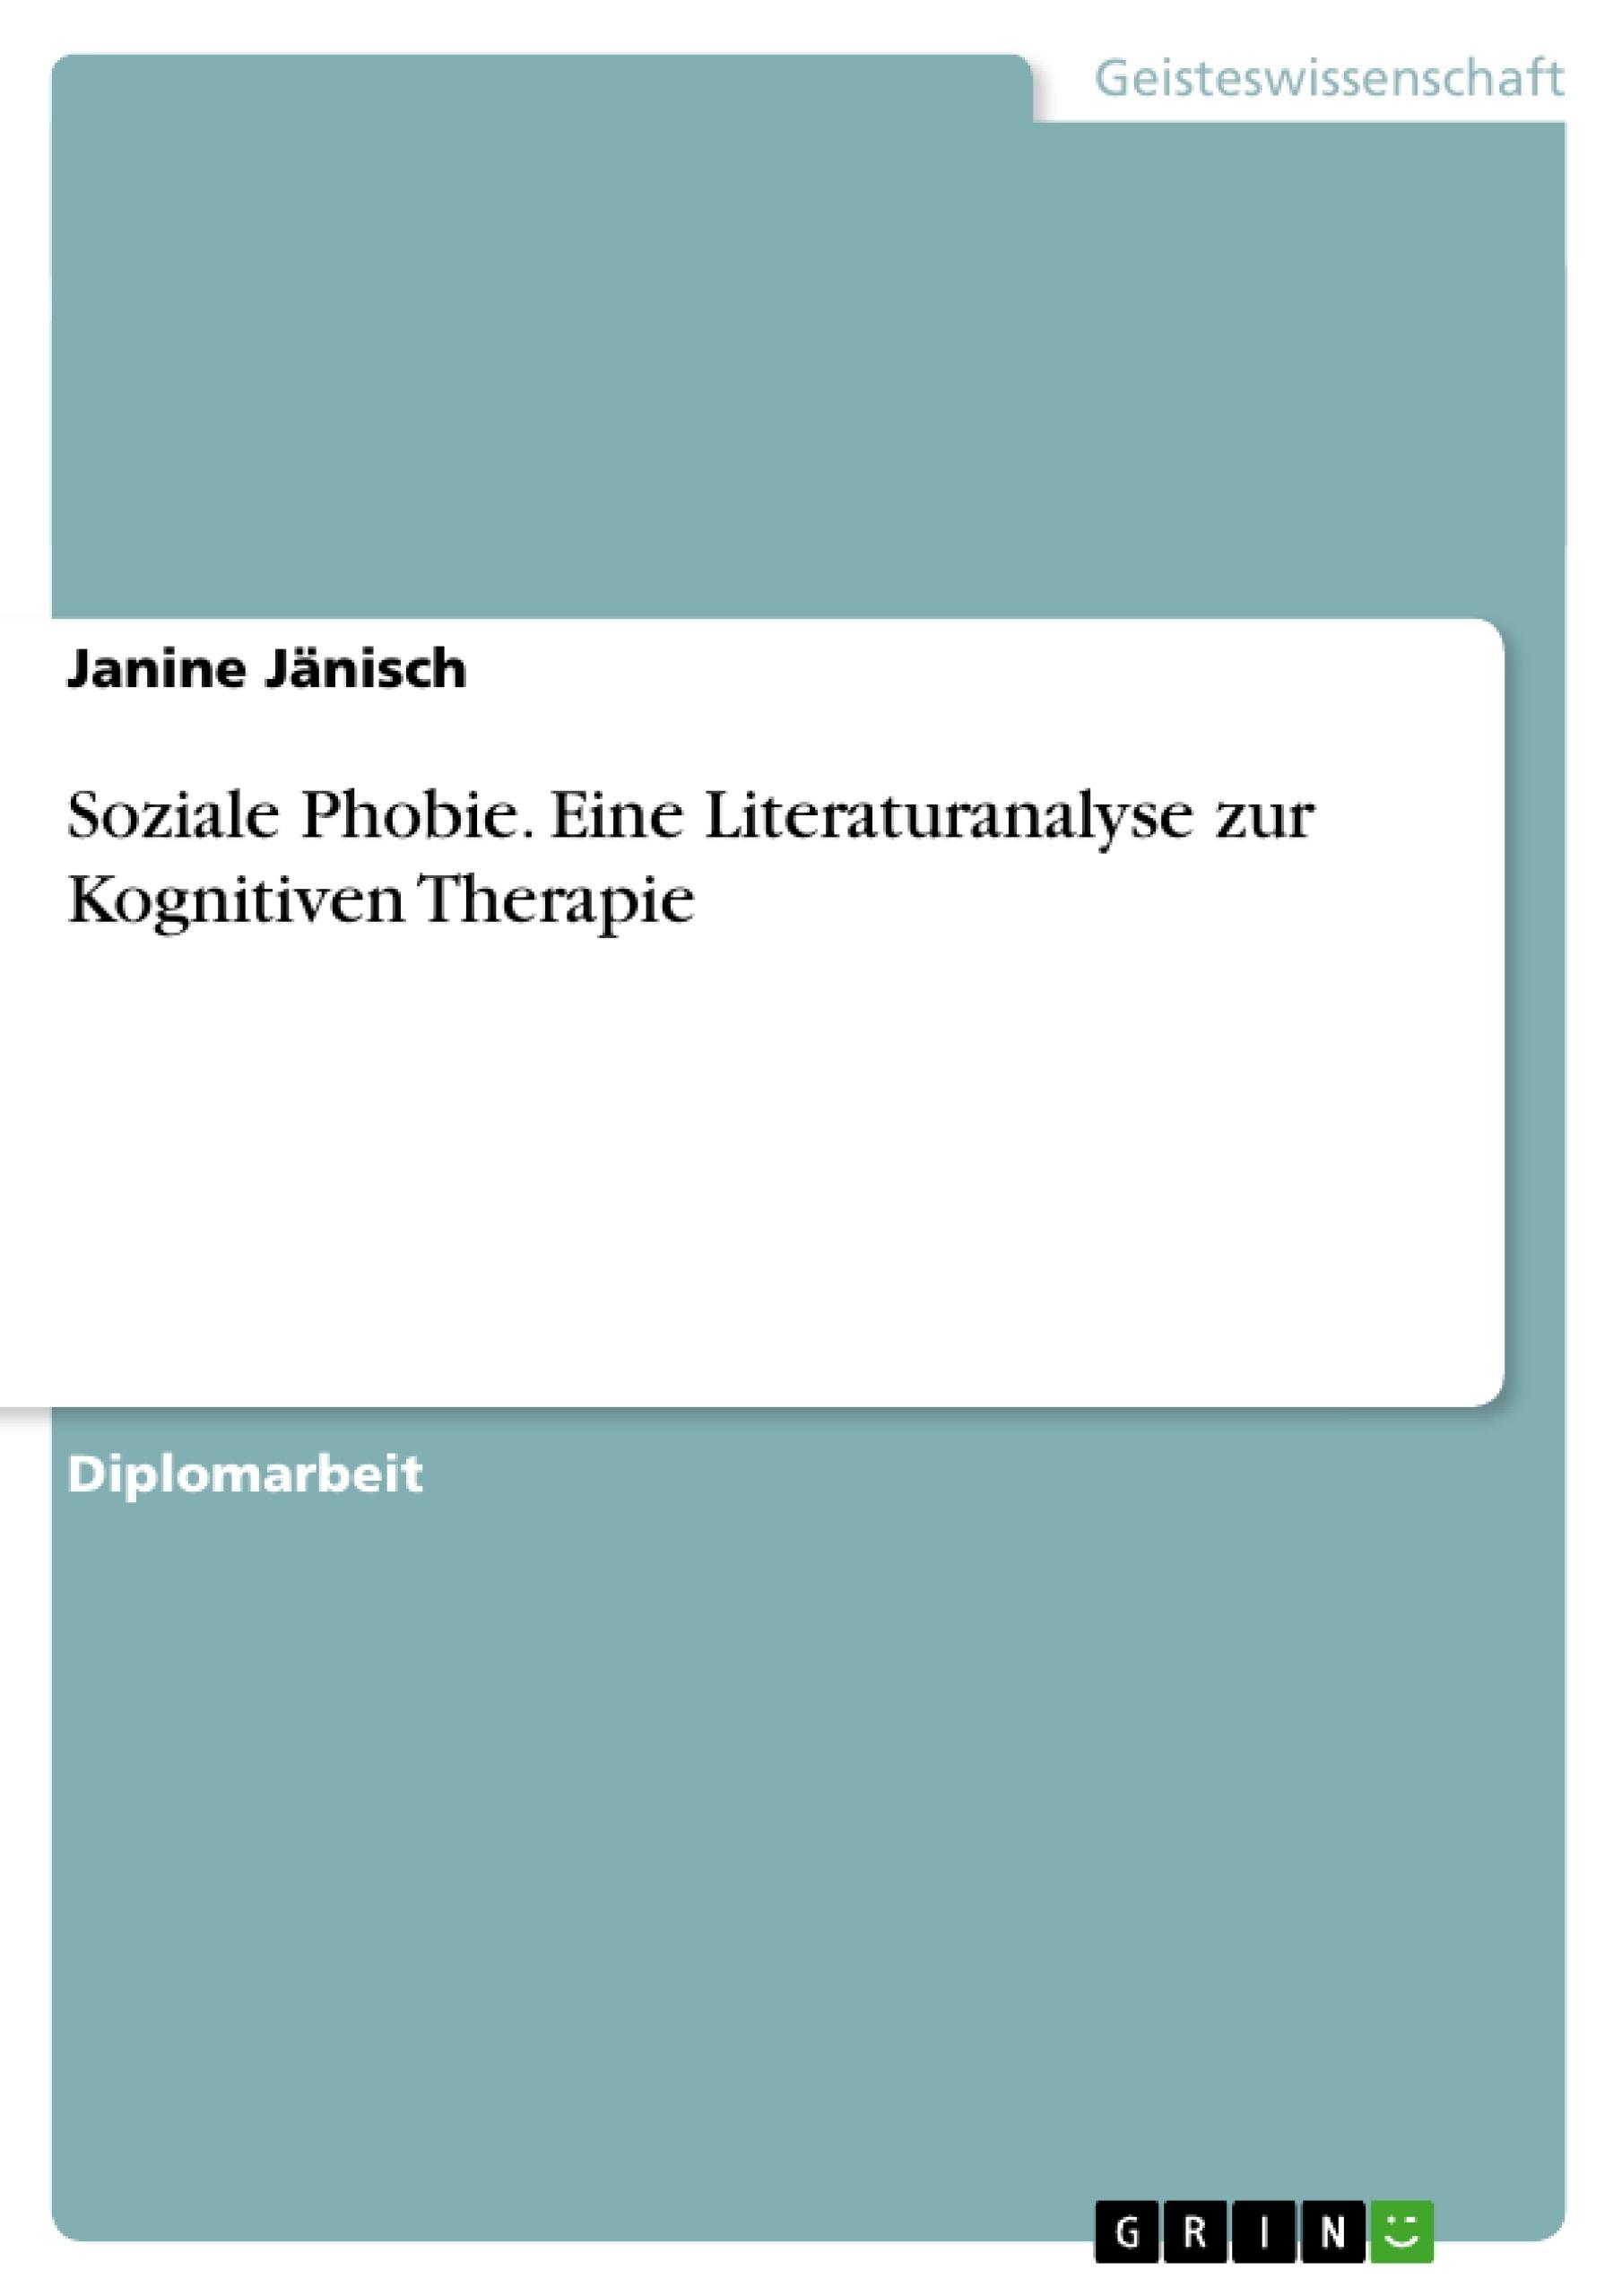 Titel: Soziale Phobie. Eine Literaturanalyse zur Kognitiven Therapie